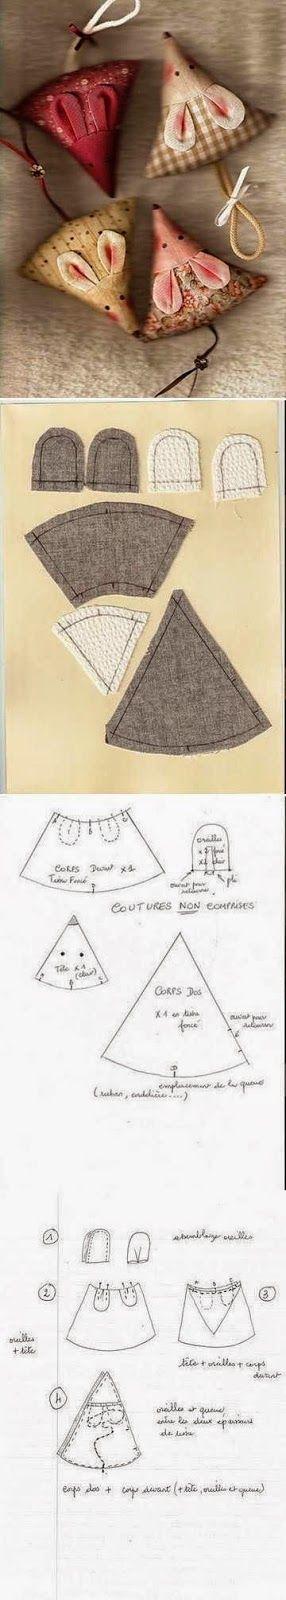 ARTESANATO COM QUIANE - Paps,Moldes,E.V.A,Feltro,Costuras,Fofuchas 3D: usando os retalhinhos:ratinho de tecido